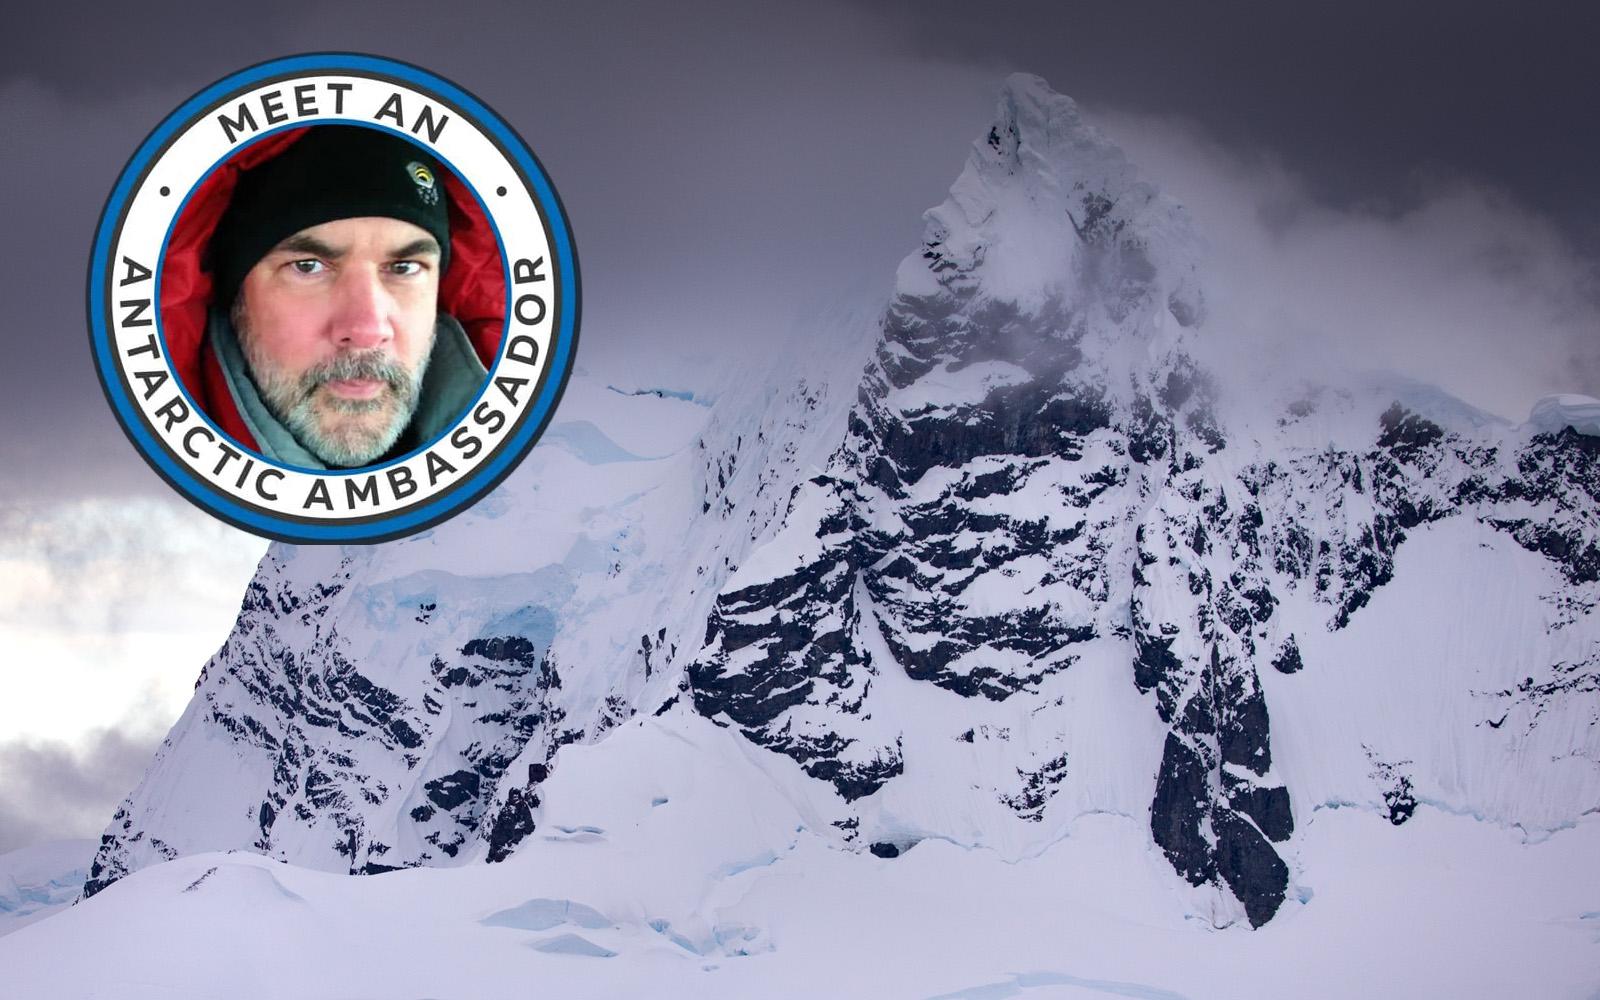 Antarctic Ambassador